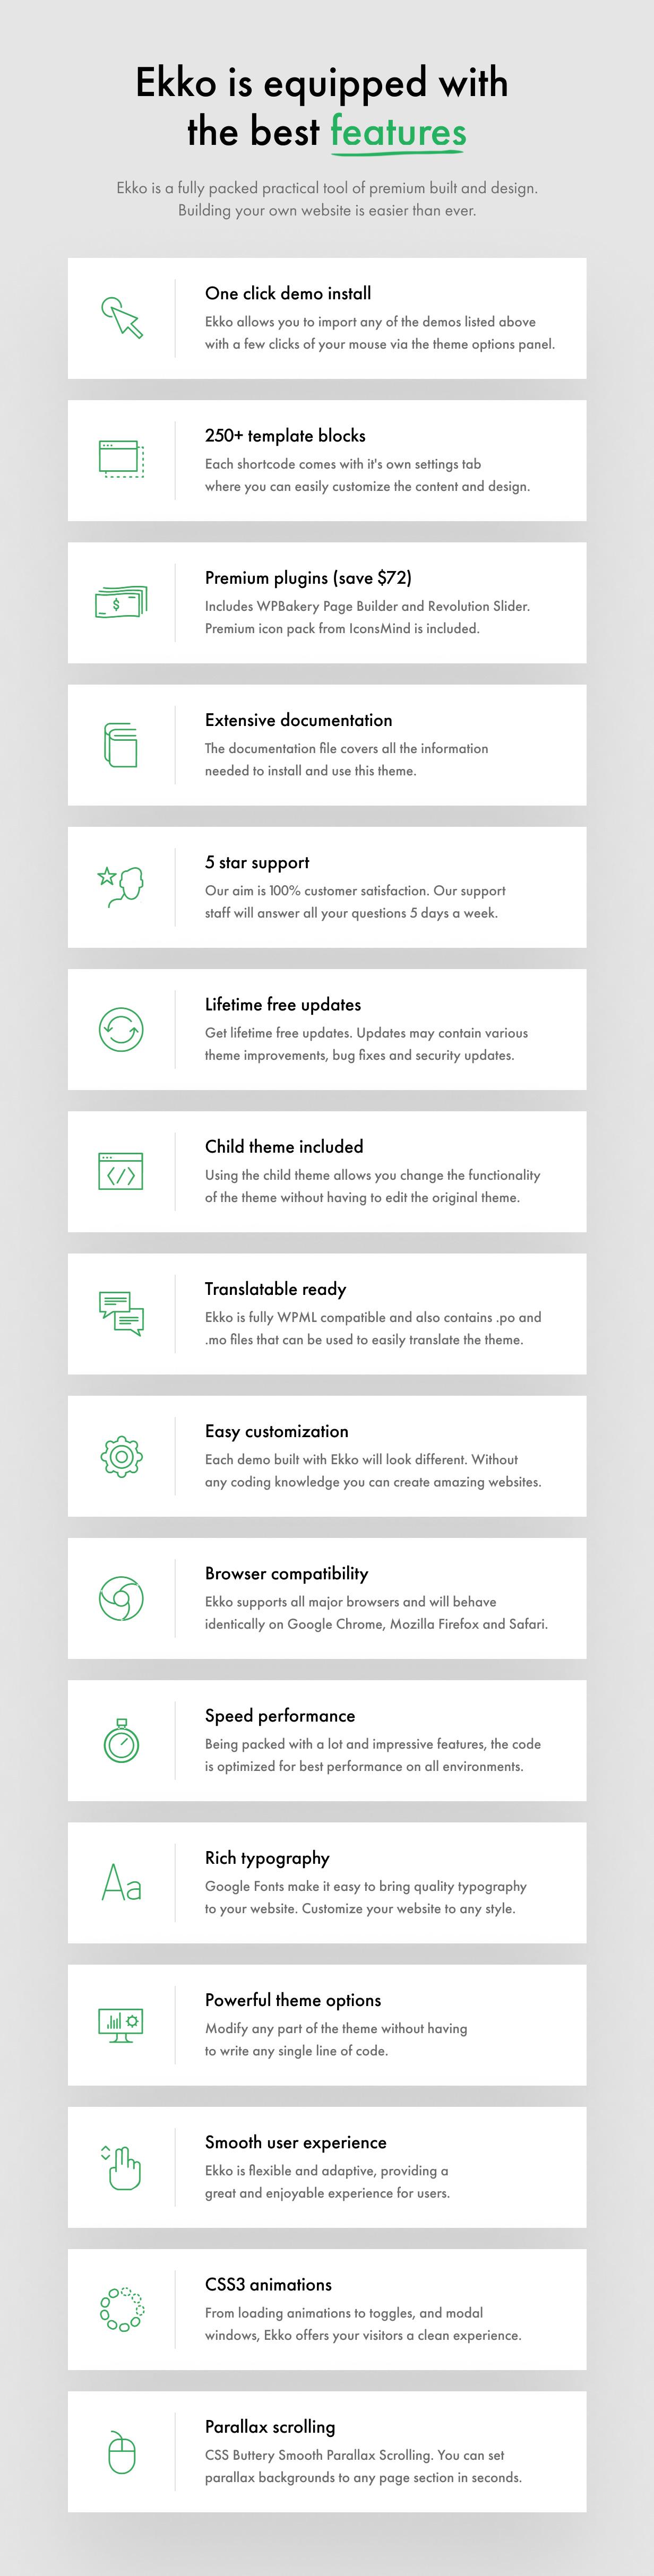 14 - Ekko - Multi-Purpose WordPress Theme with Page Builder